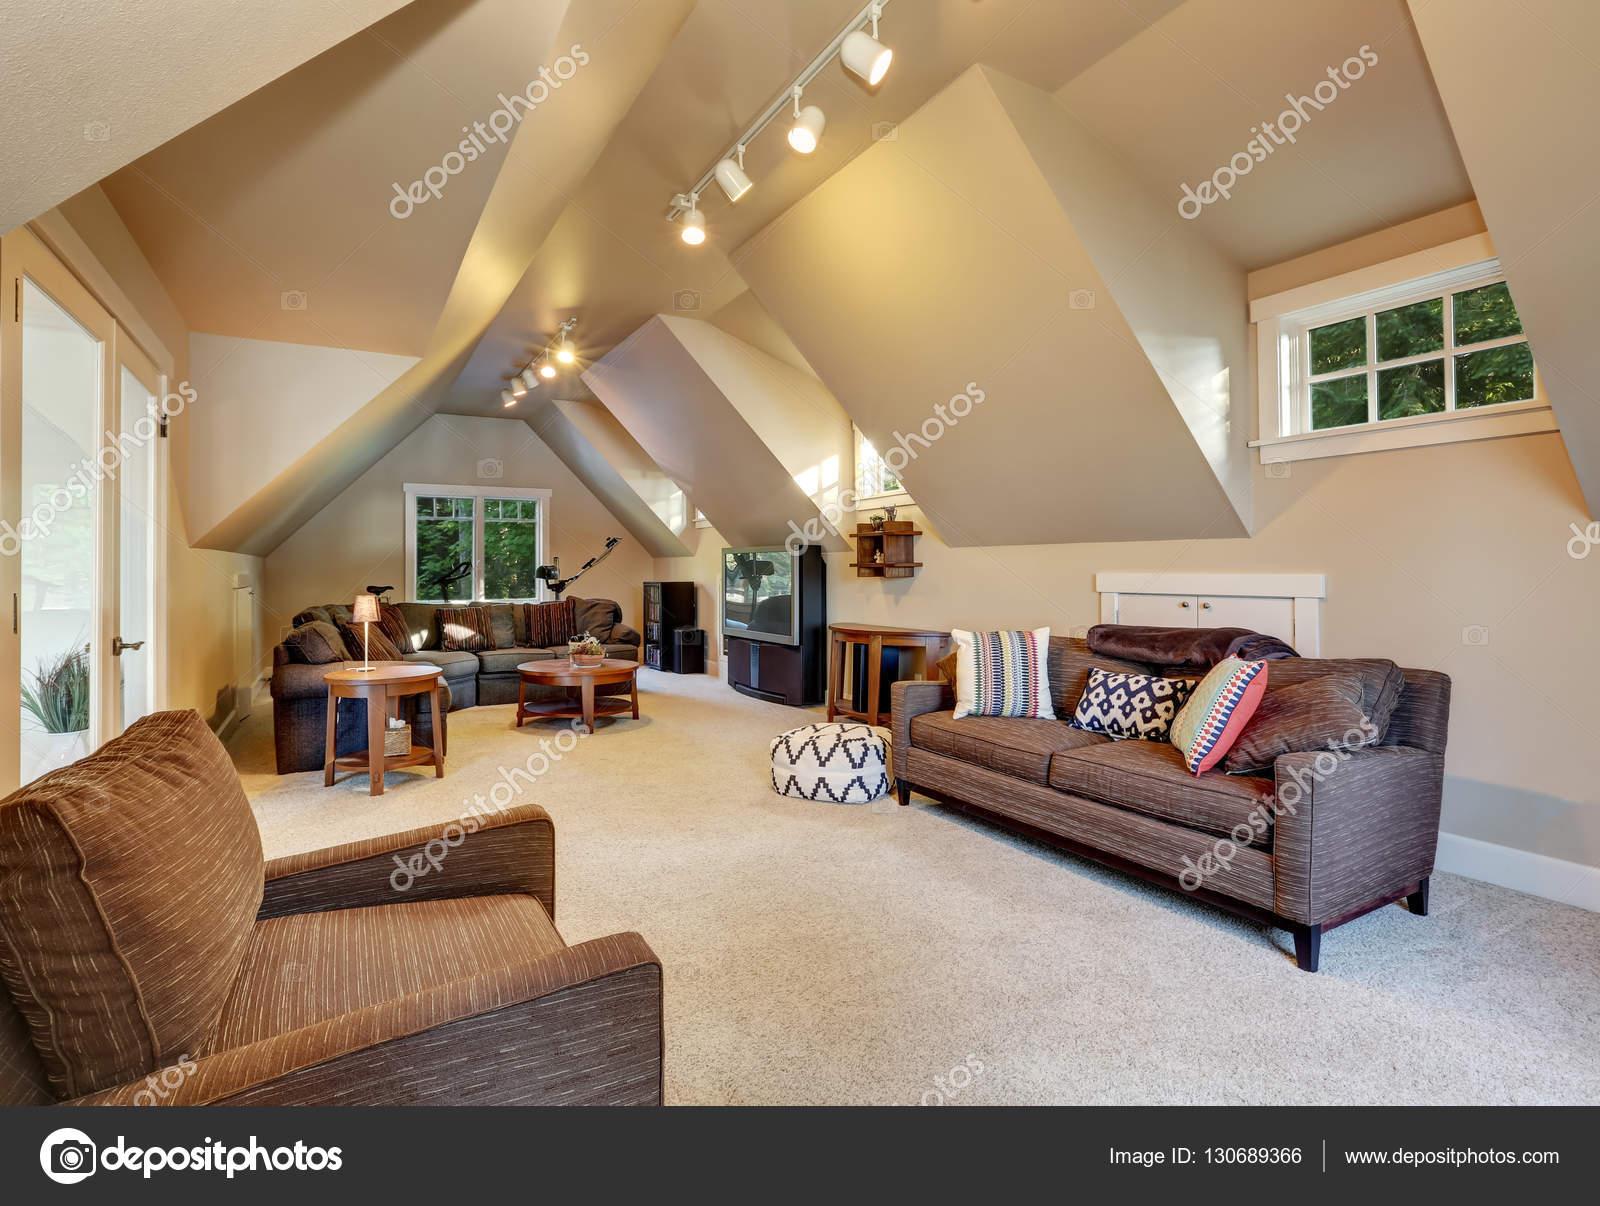 Woonkamer Op Bovenverdieping : Bovenverdieping woonkamer interieur van luxe huis u stockfoto